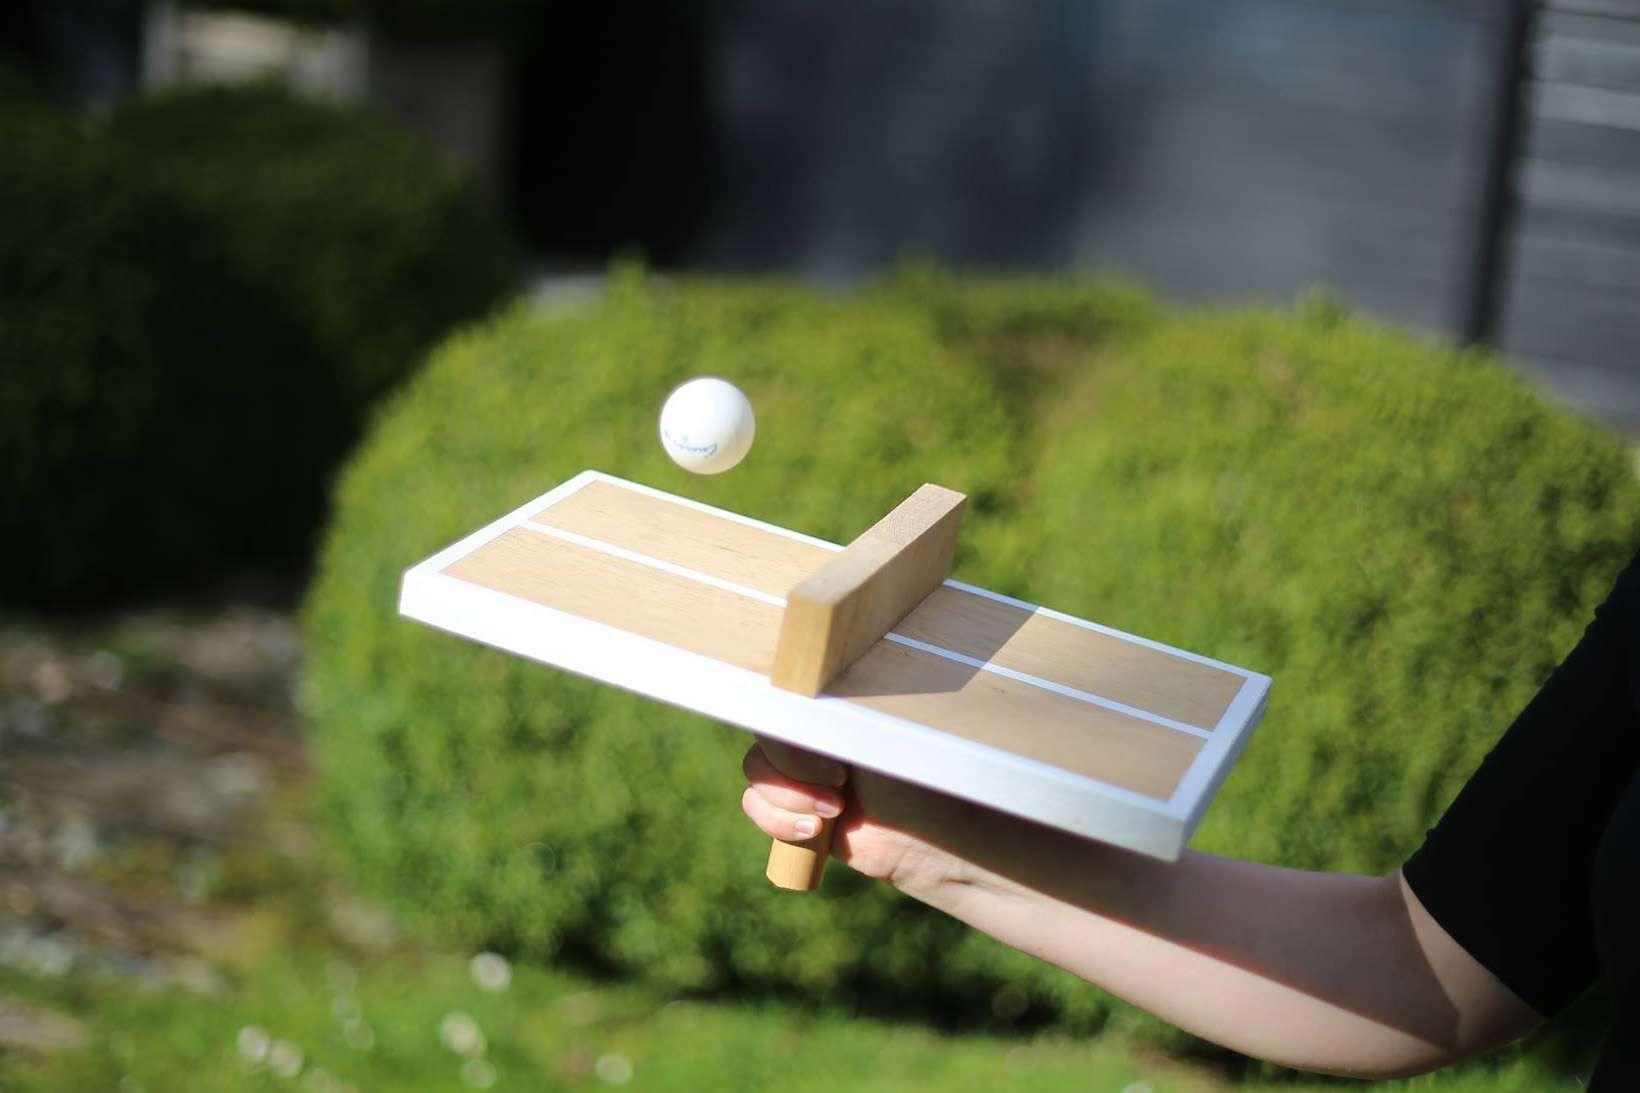 Voici Un Tutoriel Pour Fabriquer Une Drole De Table De Ping Pong Pour Jouer Seul L 39 Objectif Est De Faire Re Table De Ping Pong Jeux En Bois Mini Jeux